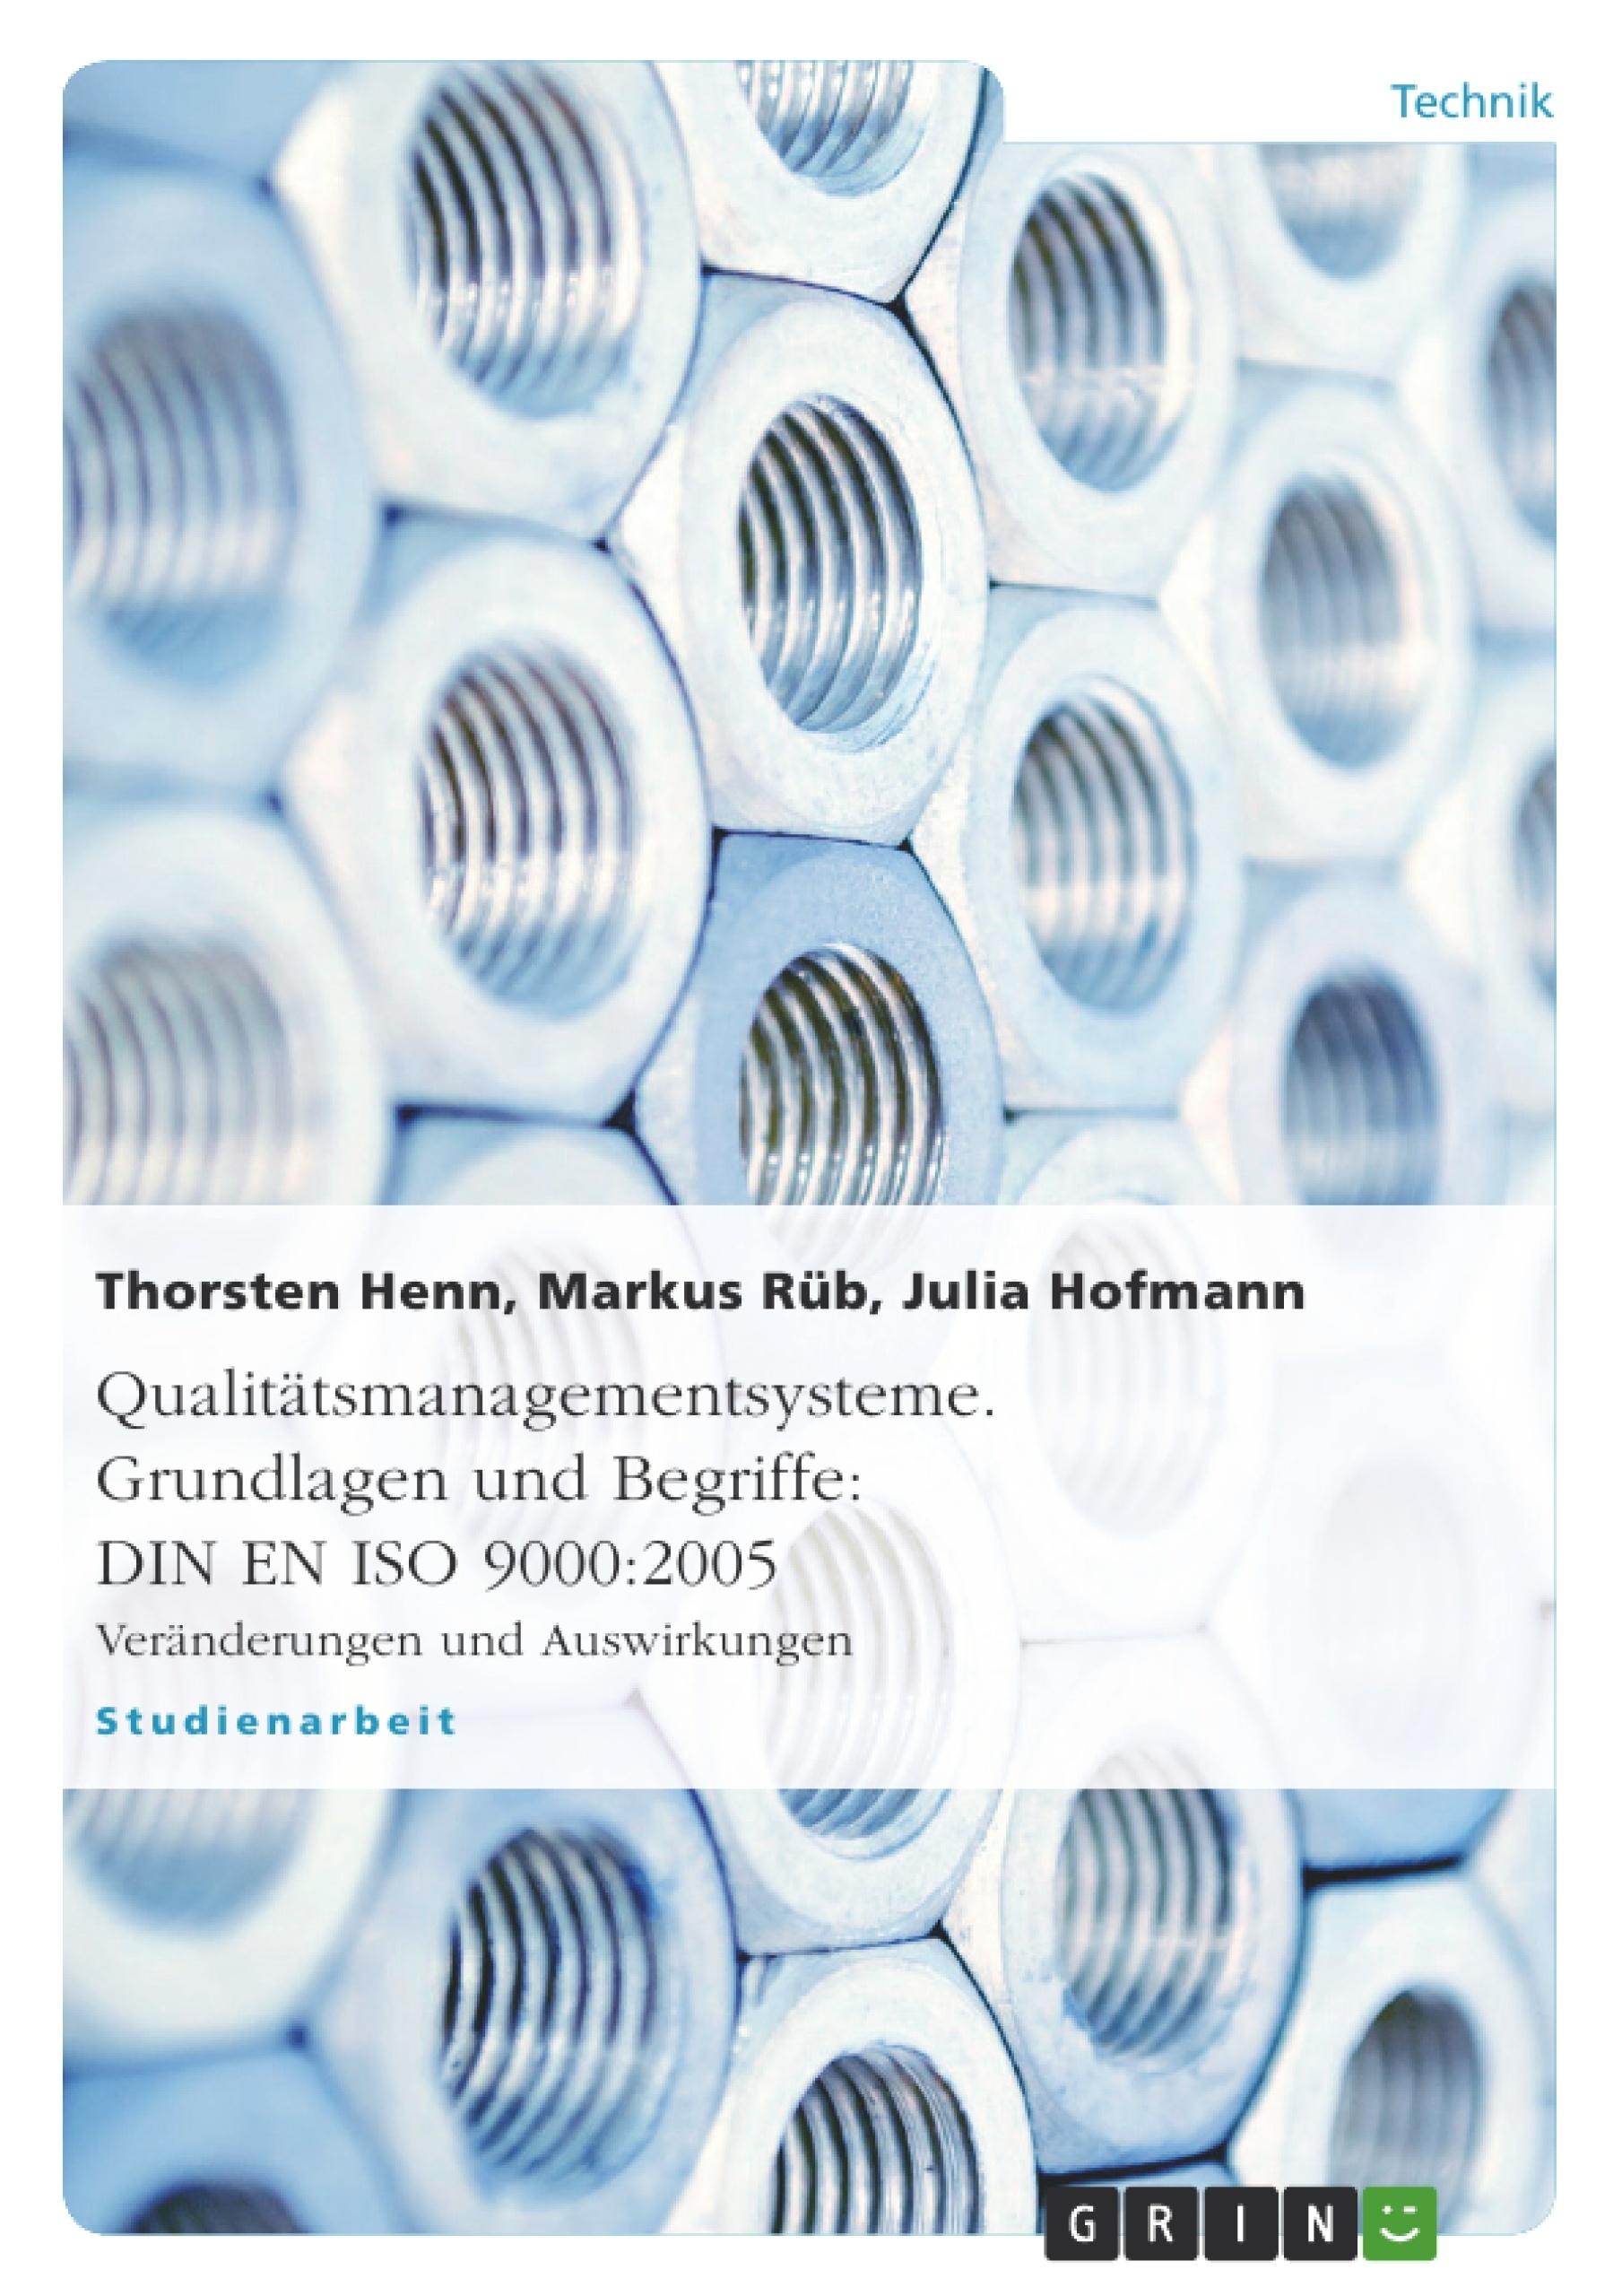 Titel: Qualitätsmanagementsysteme. Grundlagen und Begriffe: DIN EN ISO 9000:2005